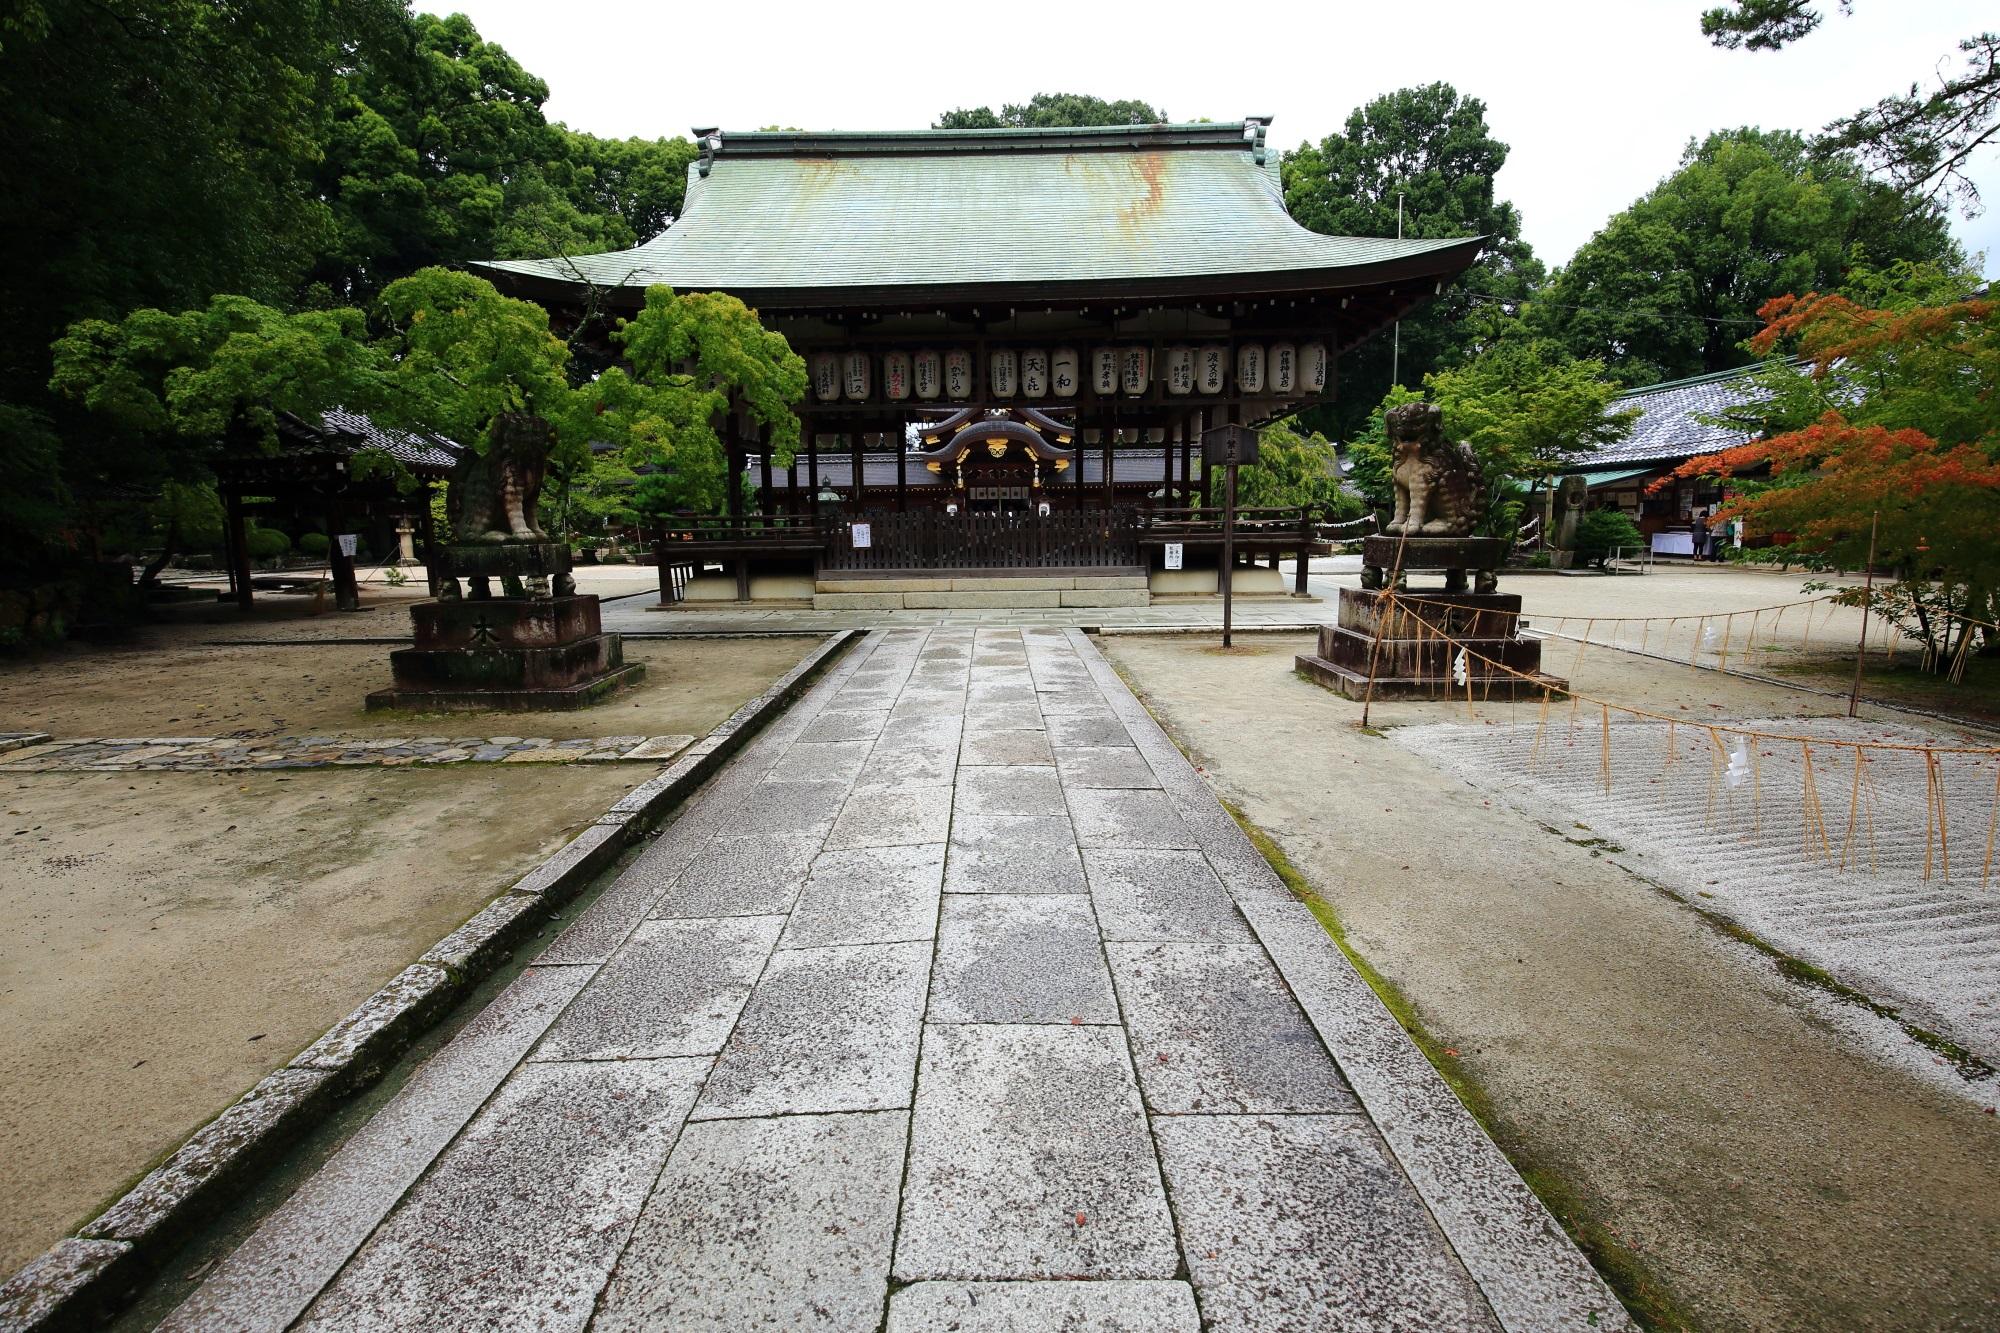 正面の参途から続く今宮神社の拝殿